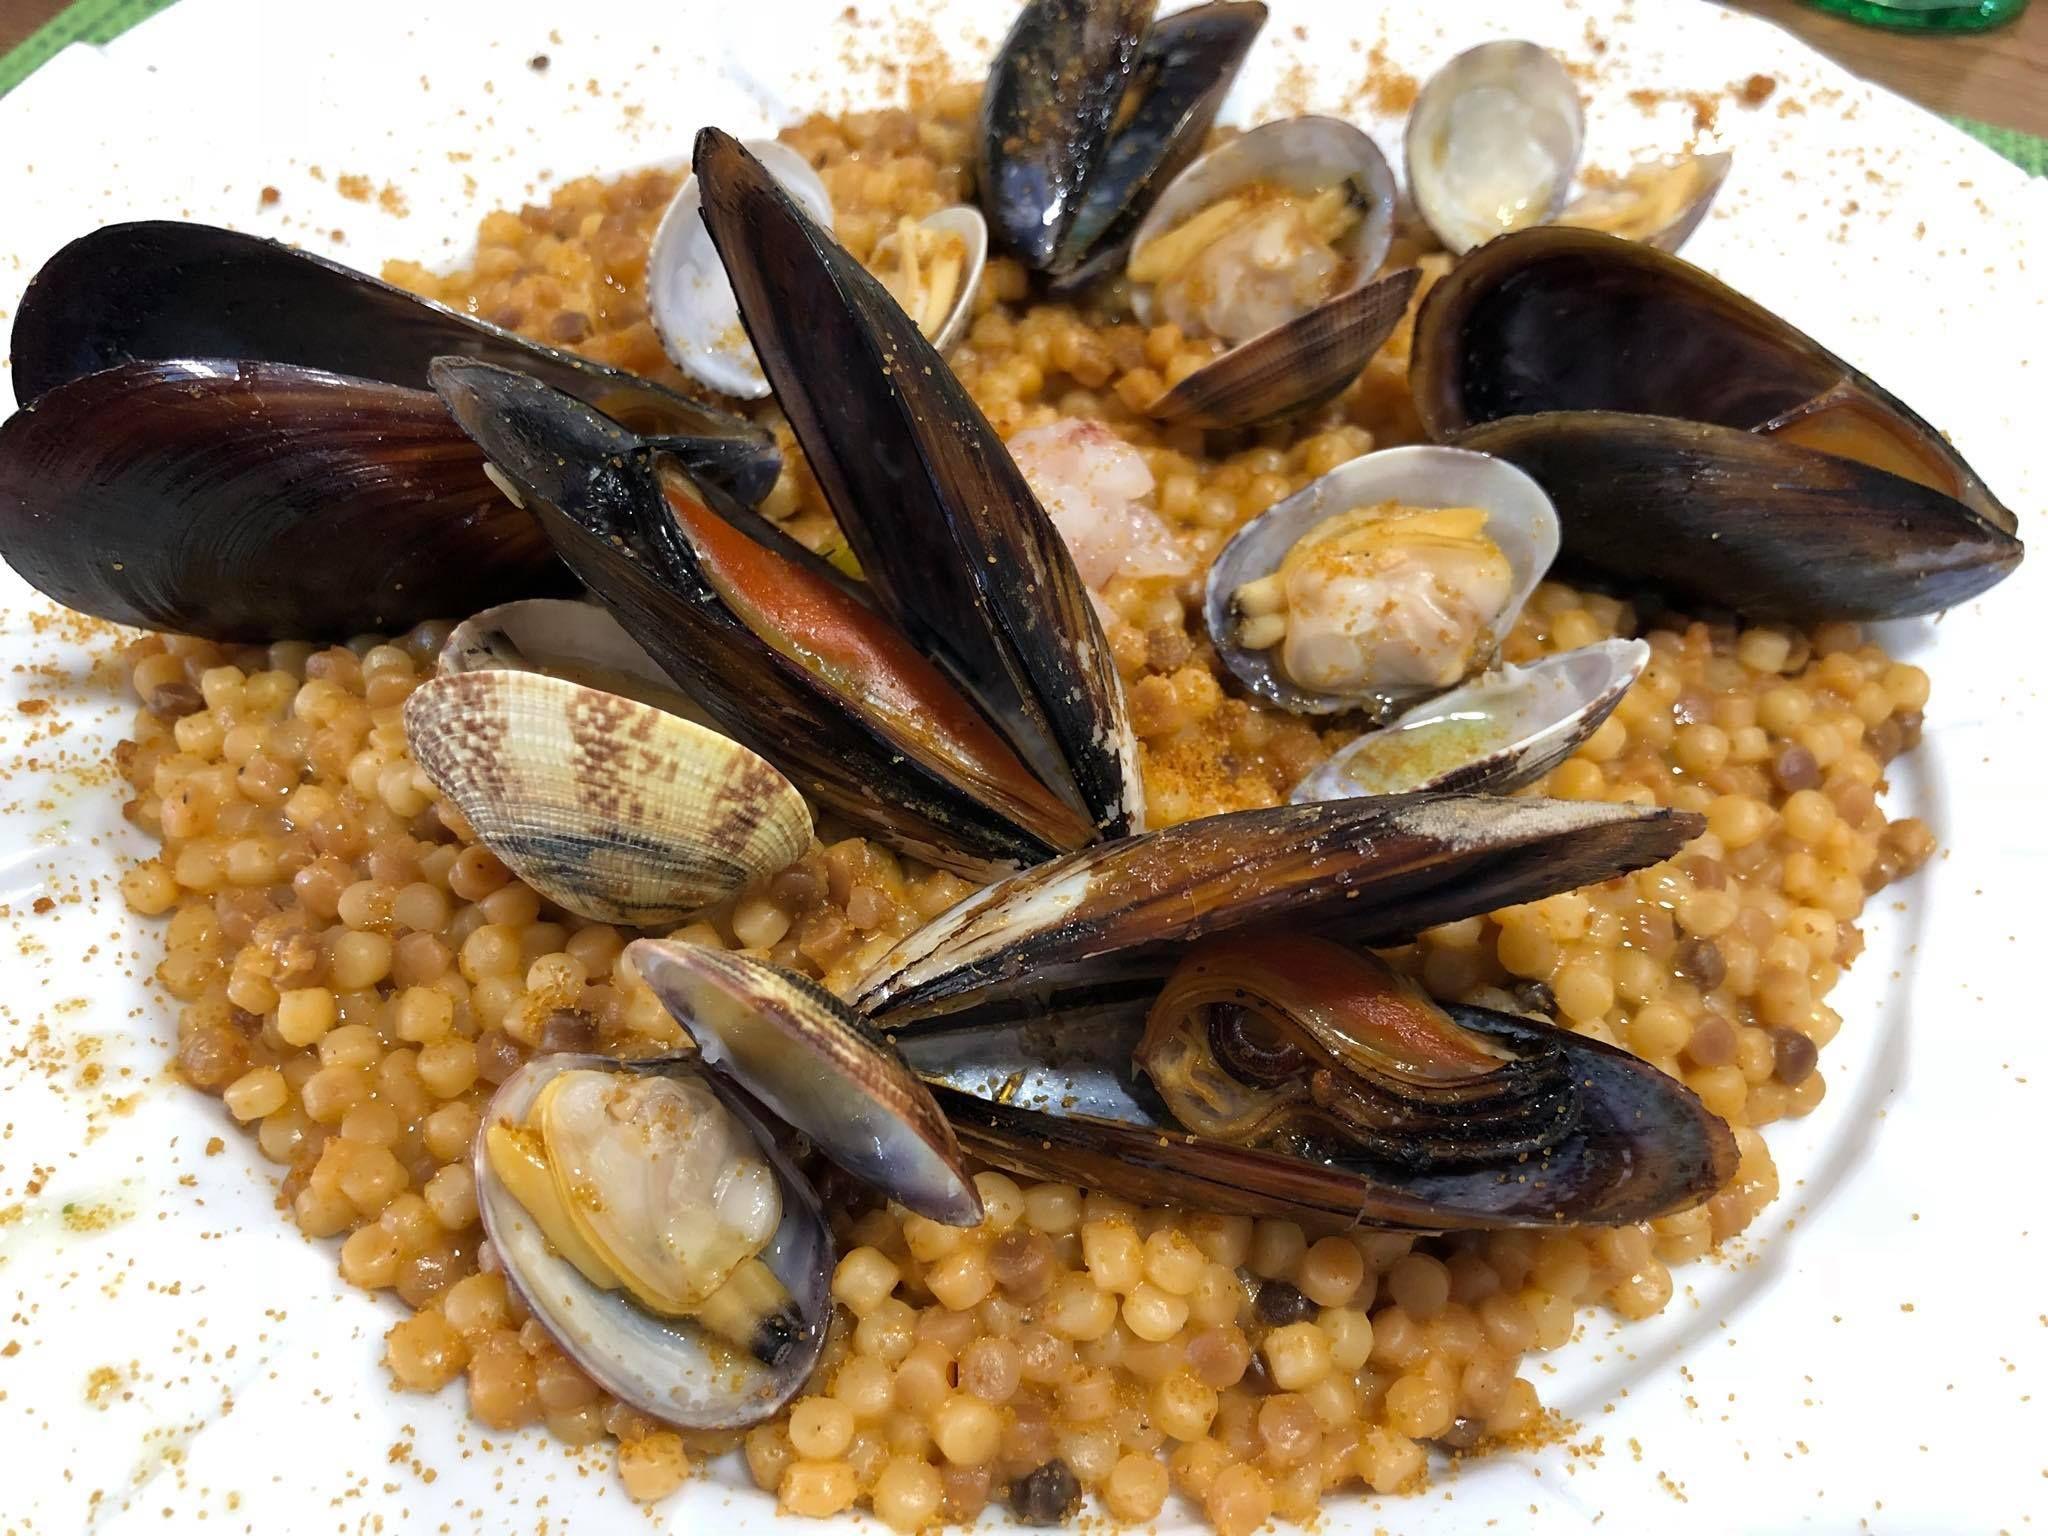 Platos con todo el sabor del mar